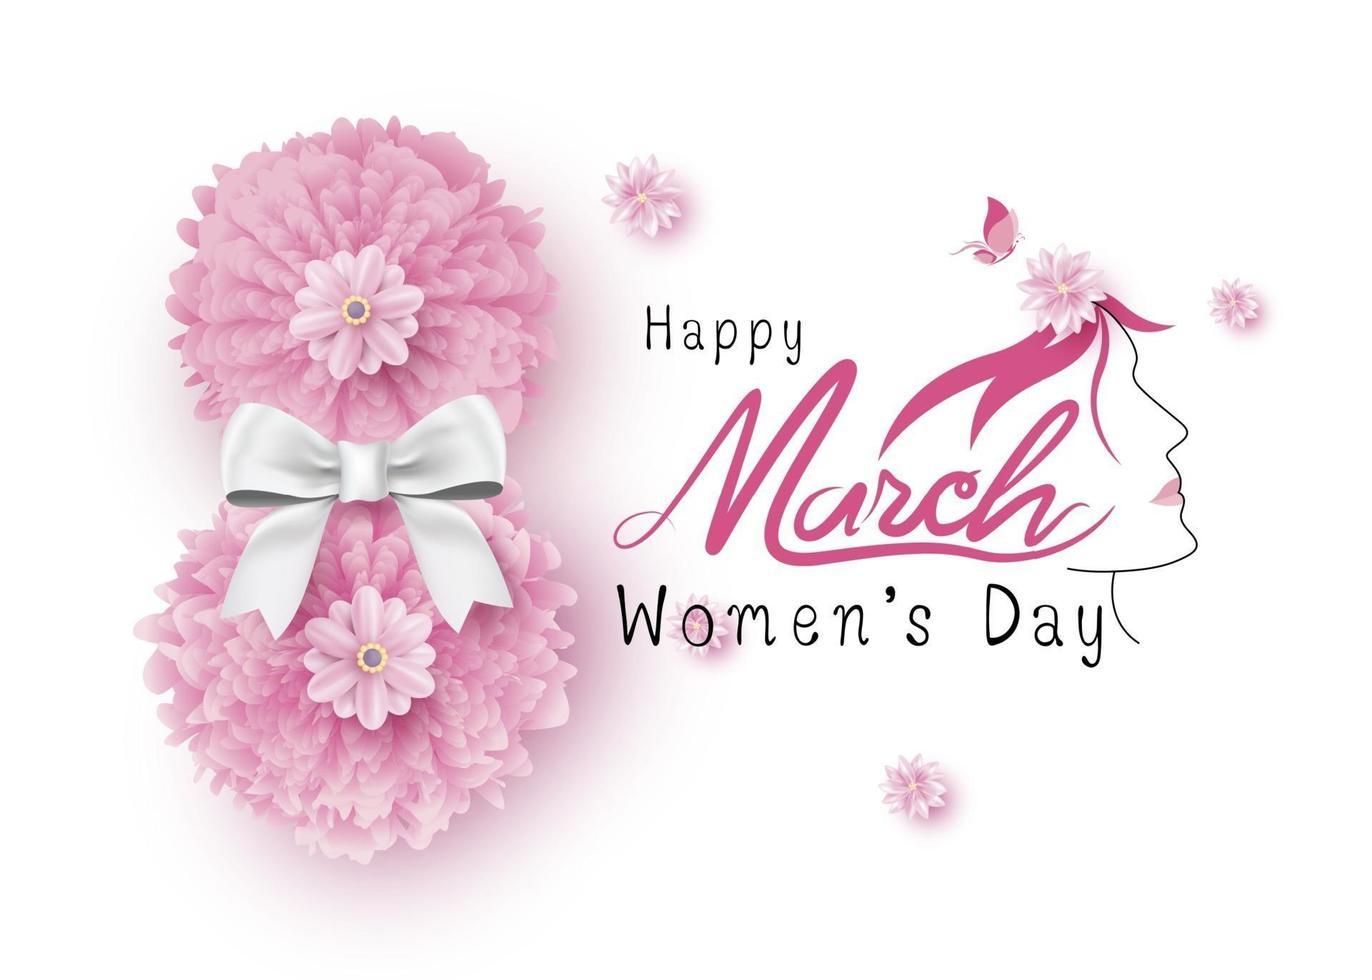 8 maart gelukkige vrouwendag vectorillustratie vector